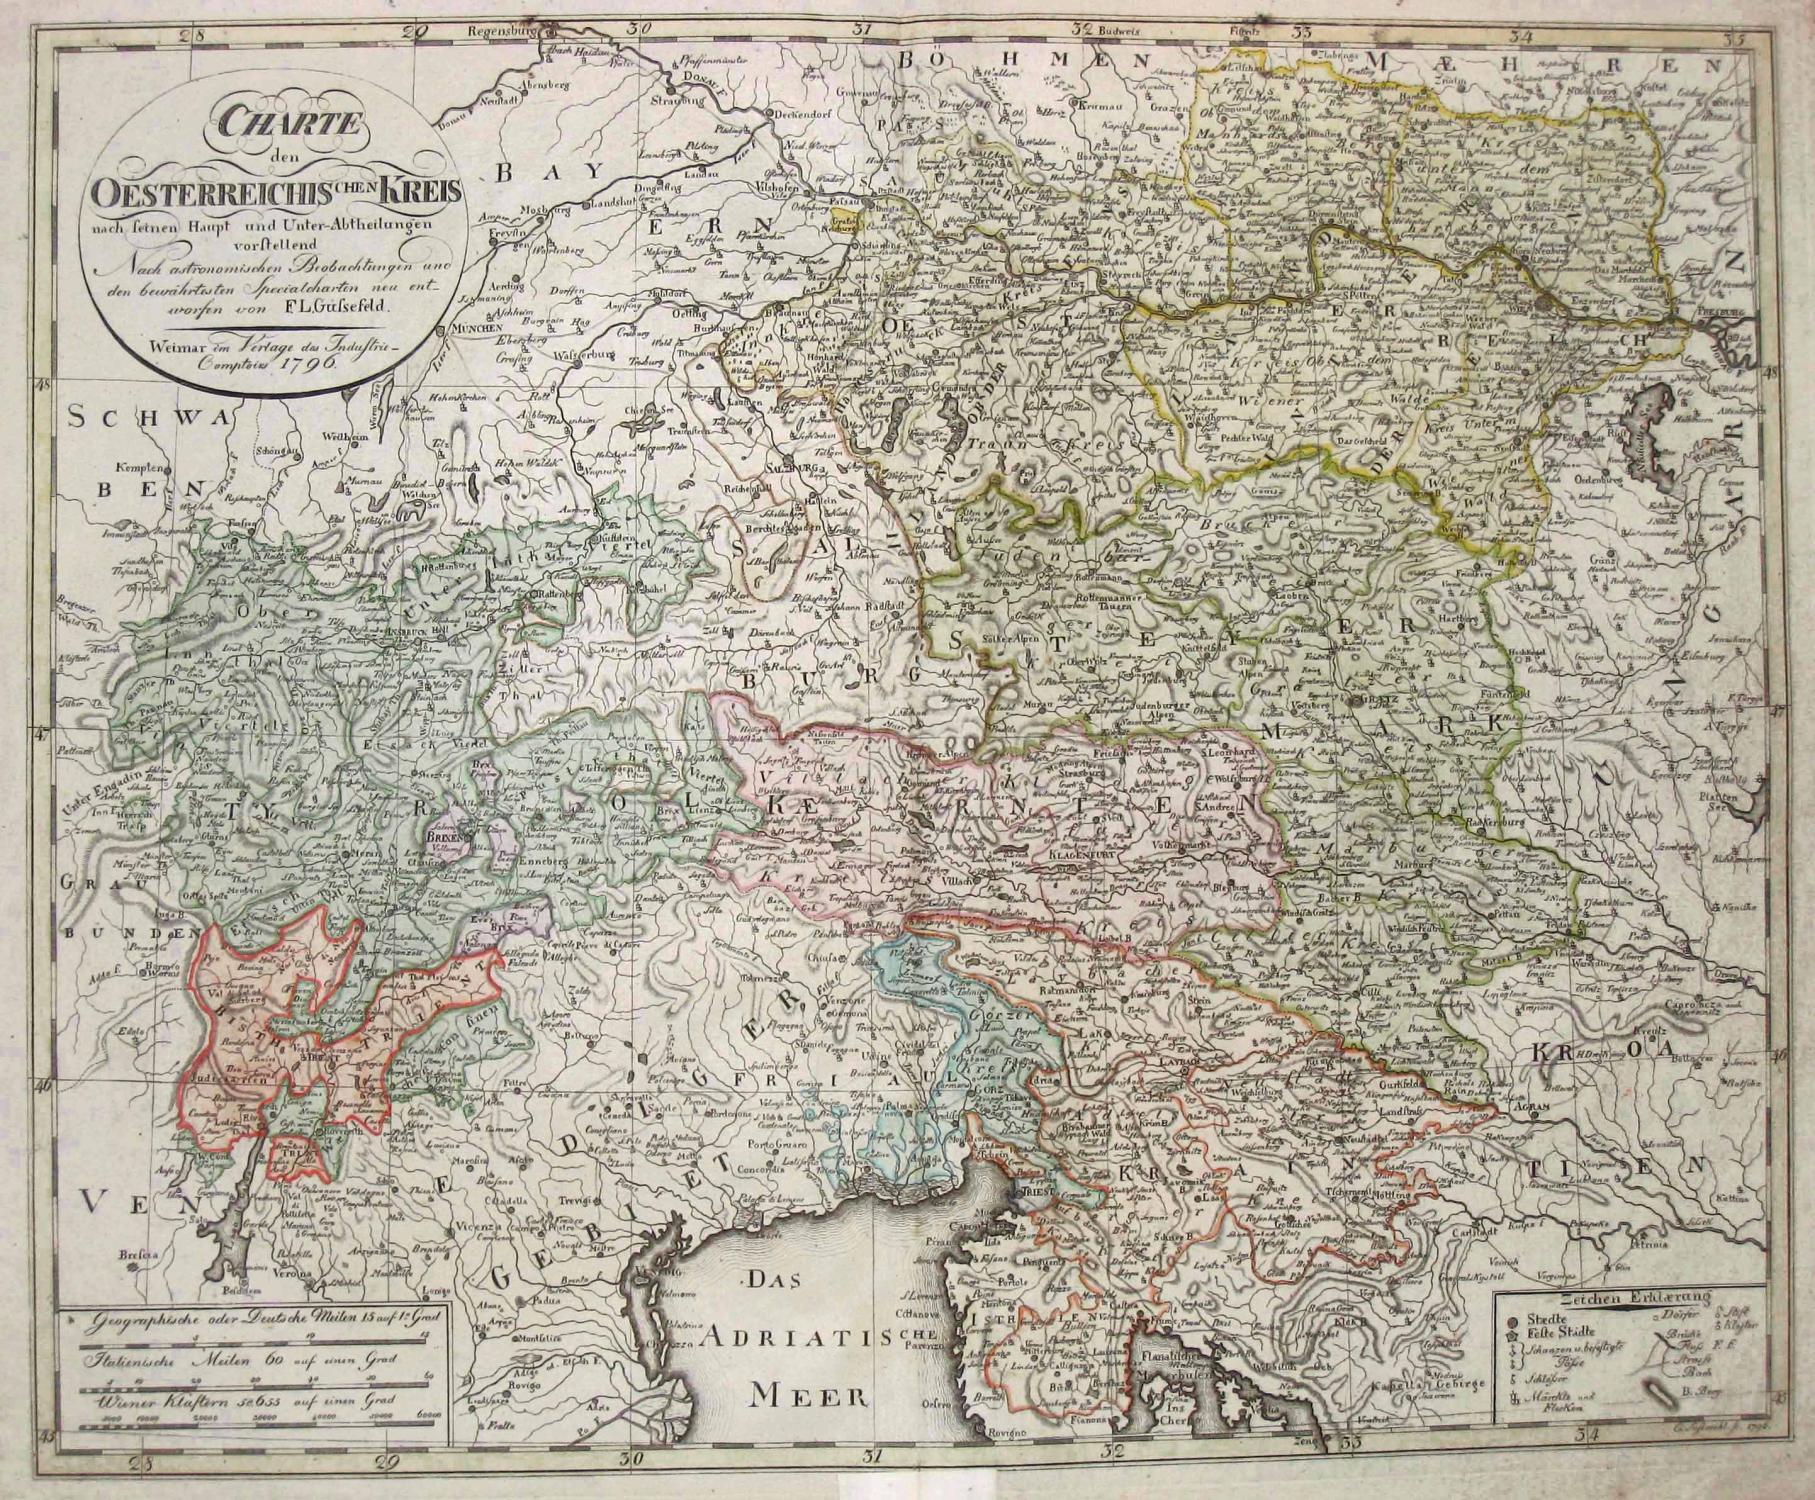 Charte den Oesterreichischen Kreis nach seinen Haupt: ÖSTERREICH (Austria) -